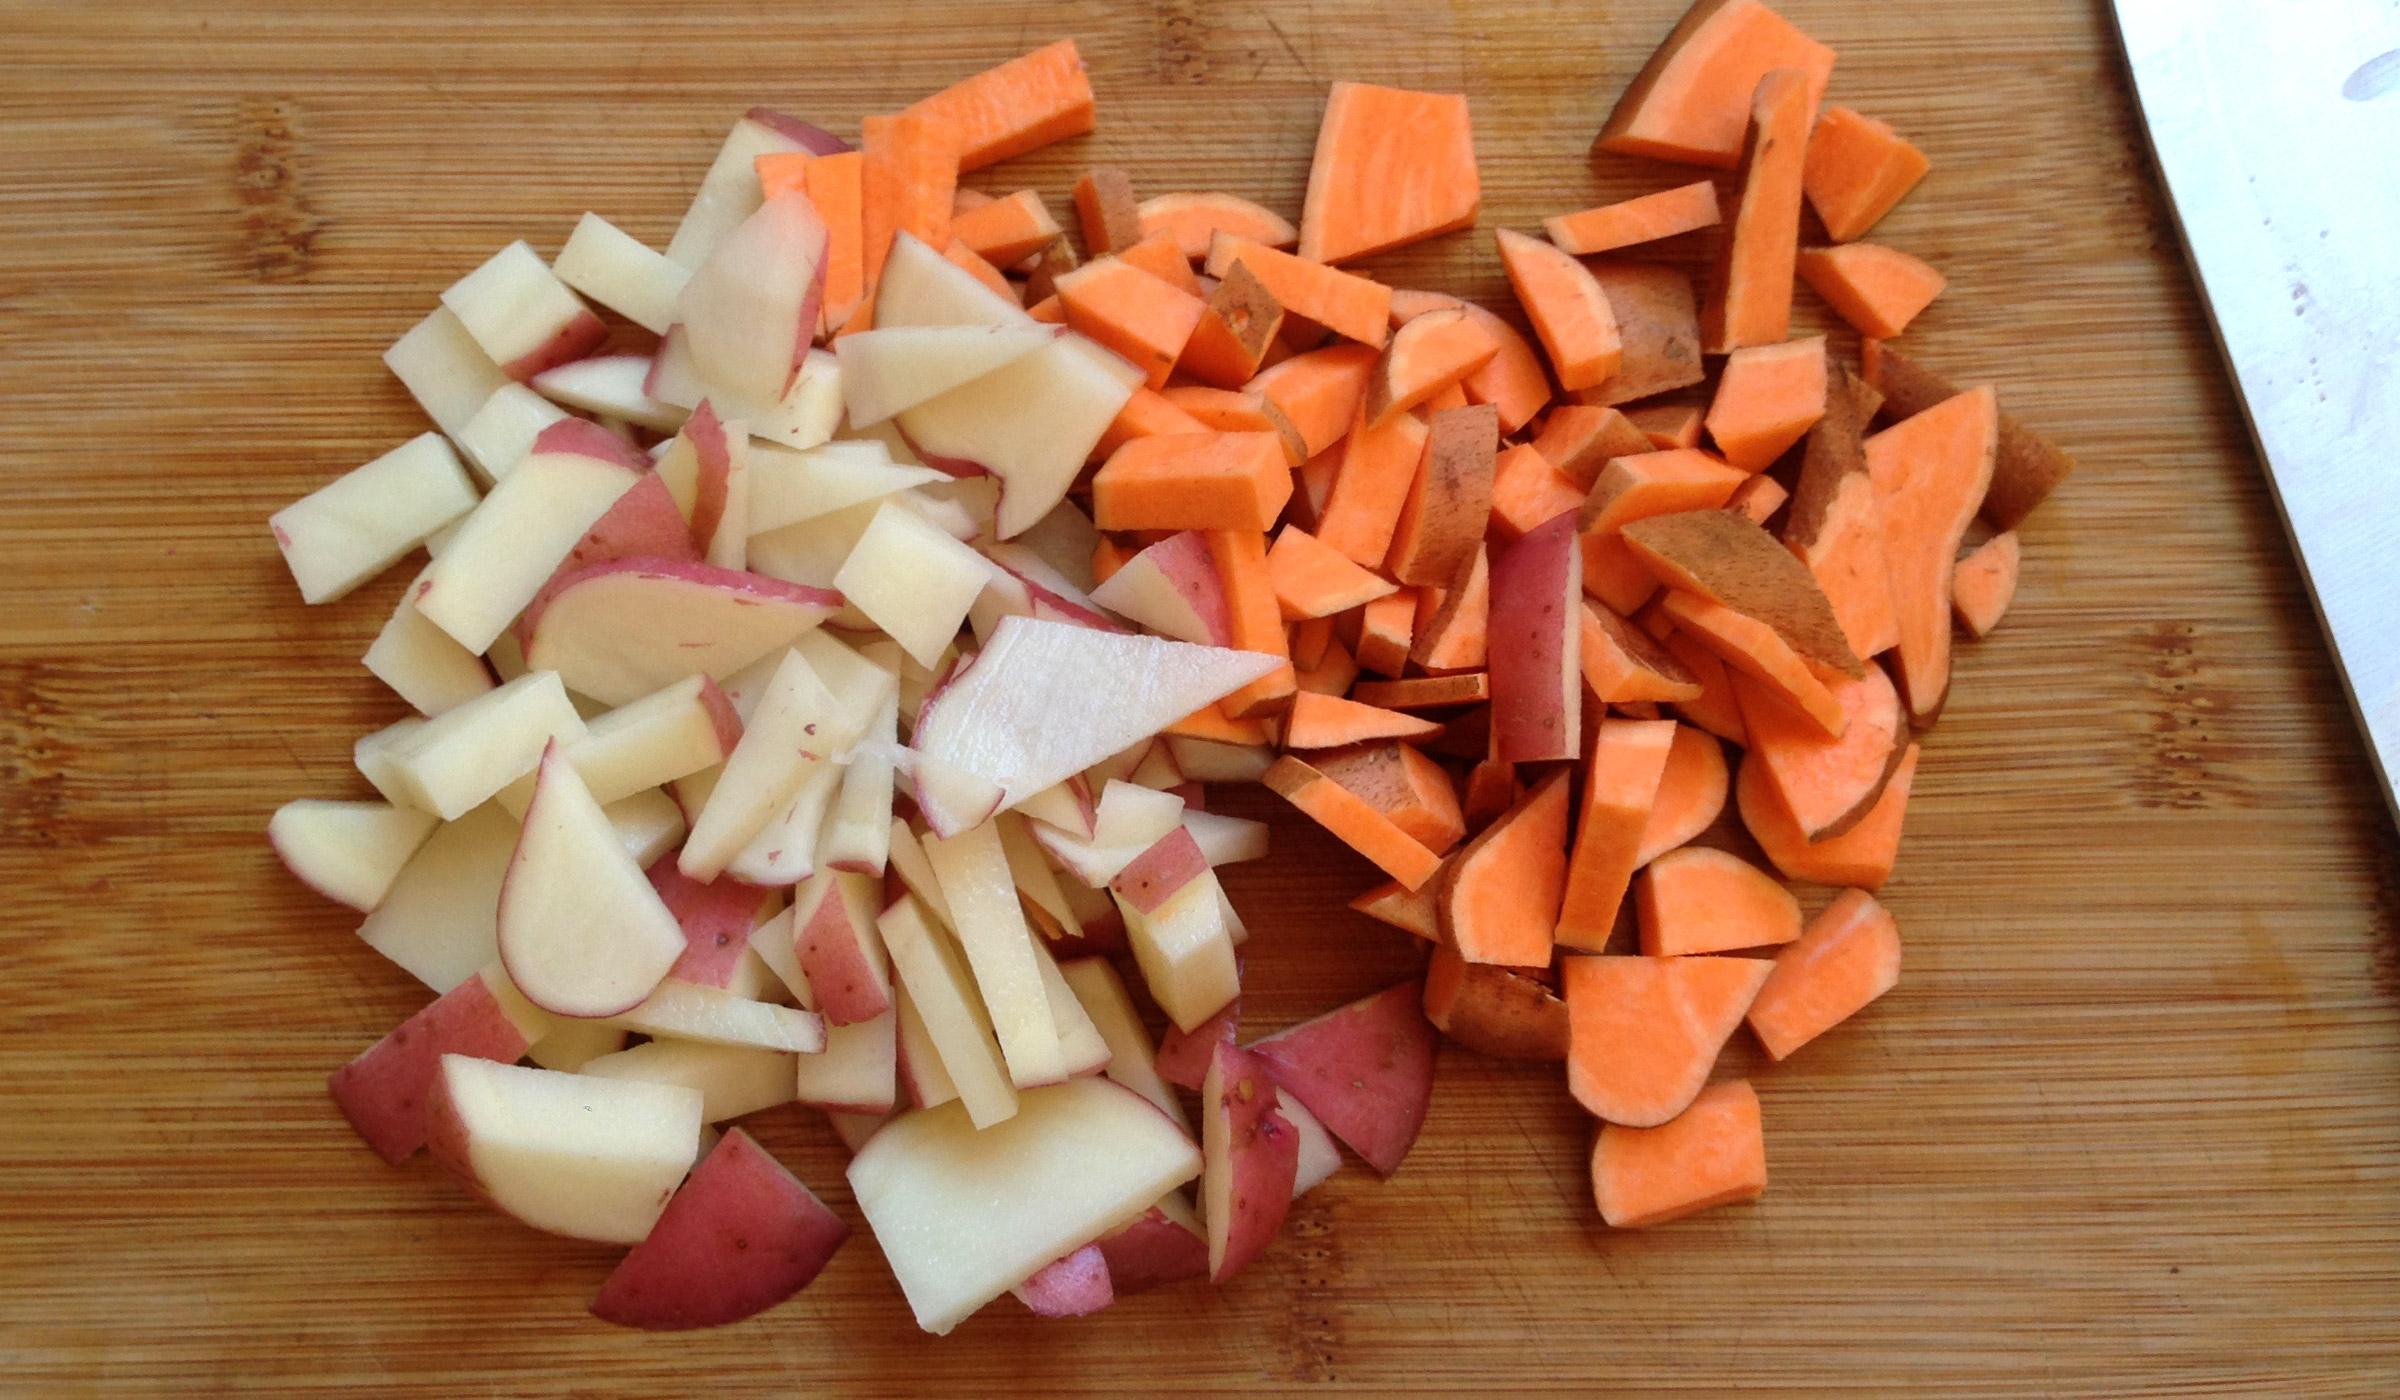 randomly chopped potatoes